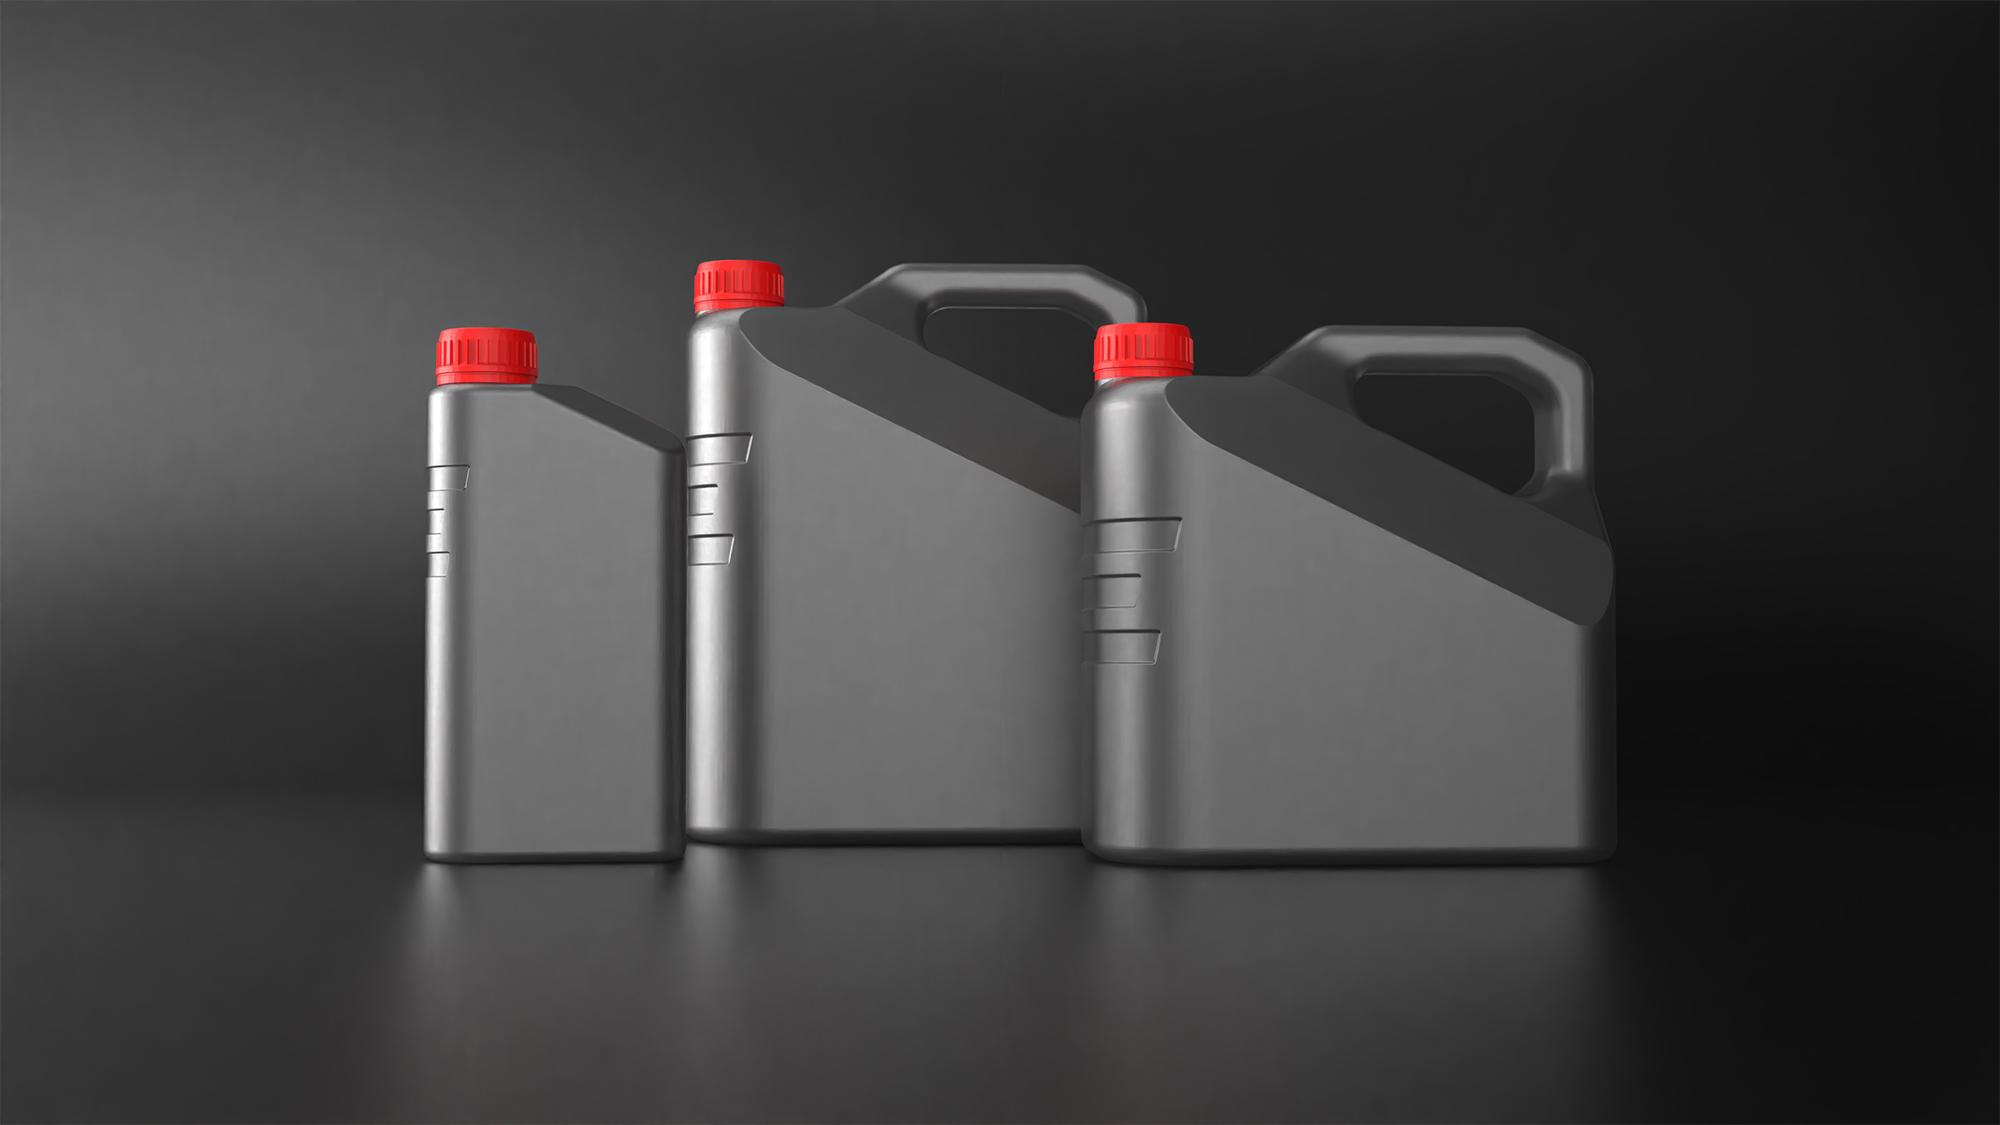 3D Realistični render vašega izdelka ali embalaže